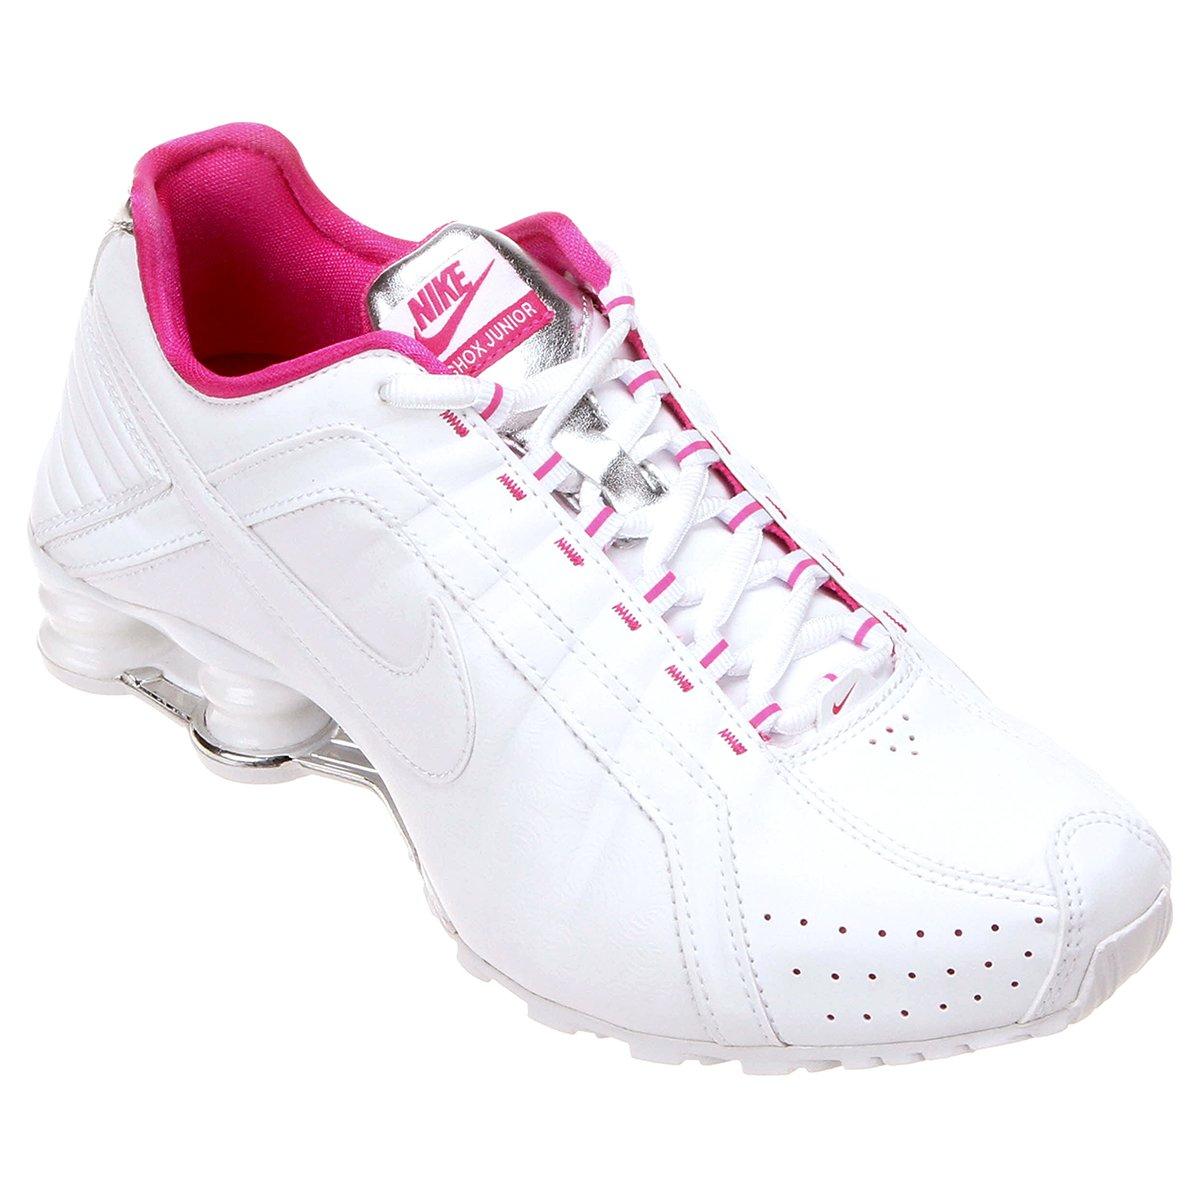 eccc3148b17 Tênis Nike Shox Junior - Branco e Rosa .